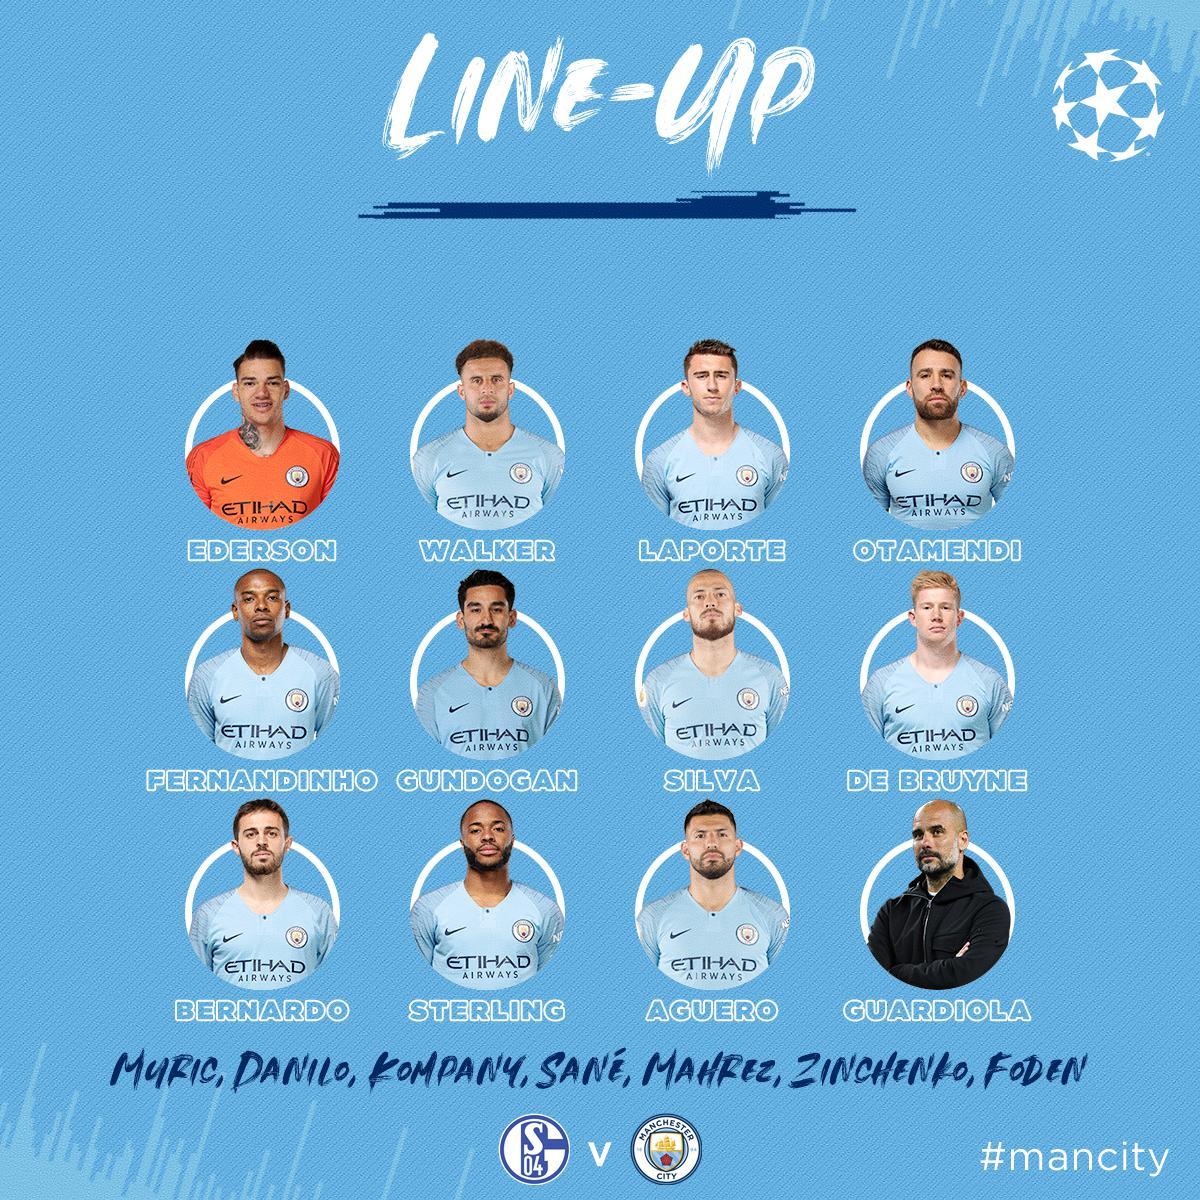 Manchester City's photo on Otamendi